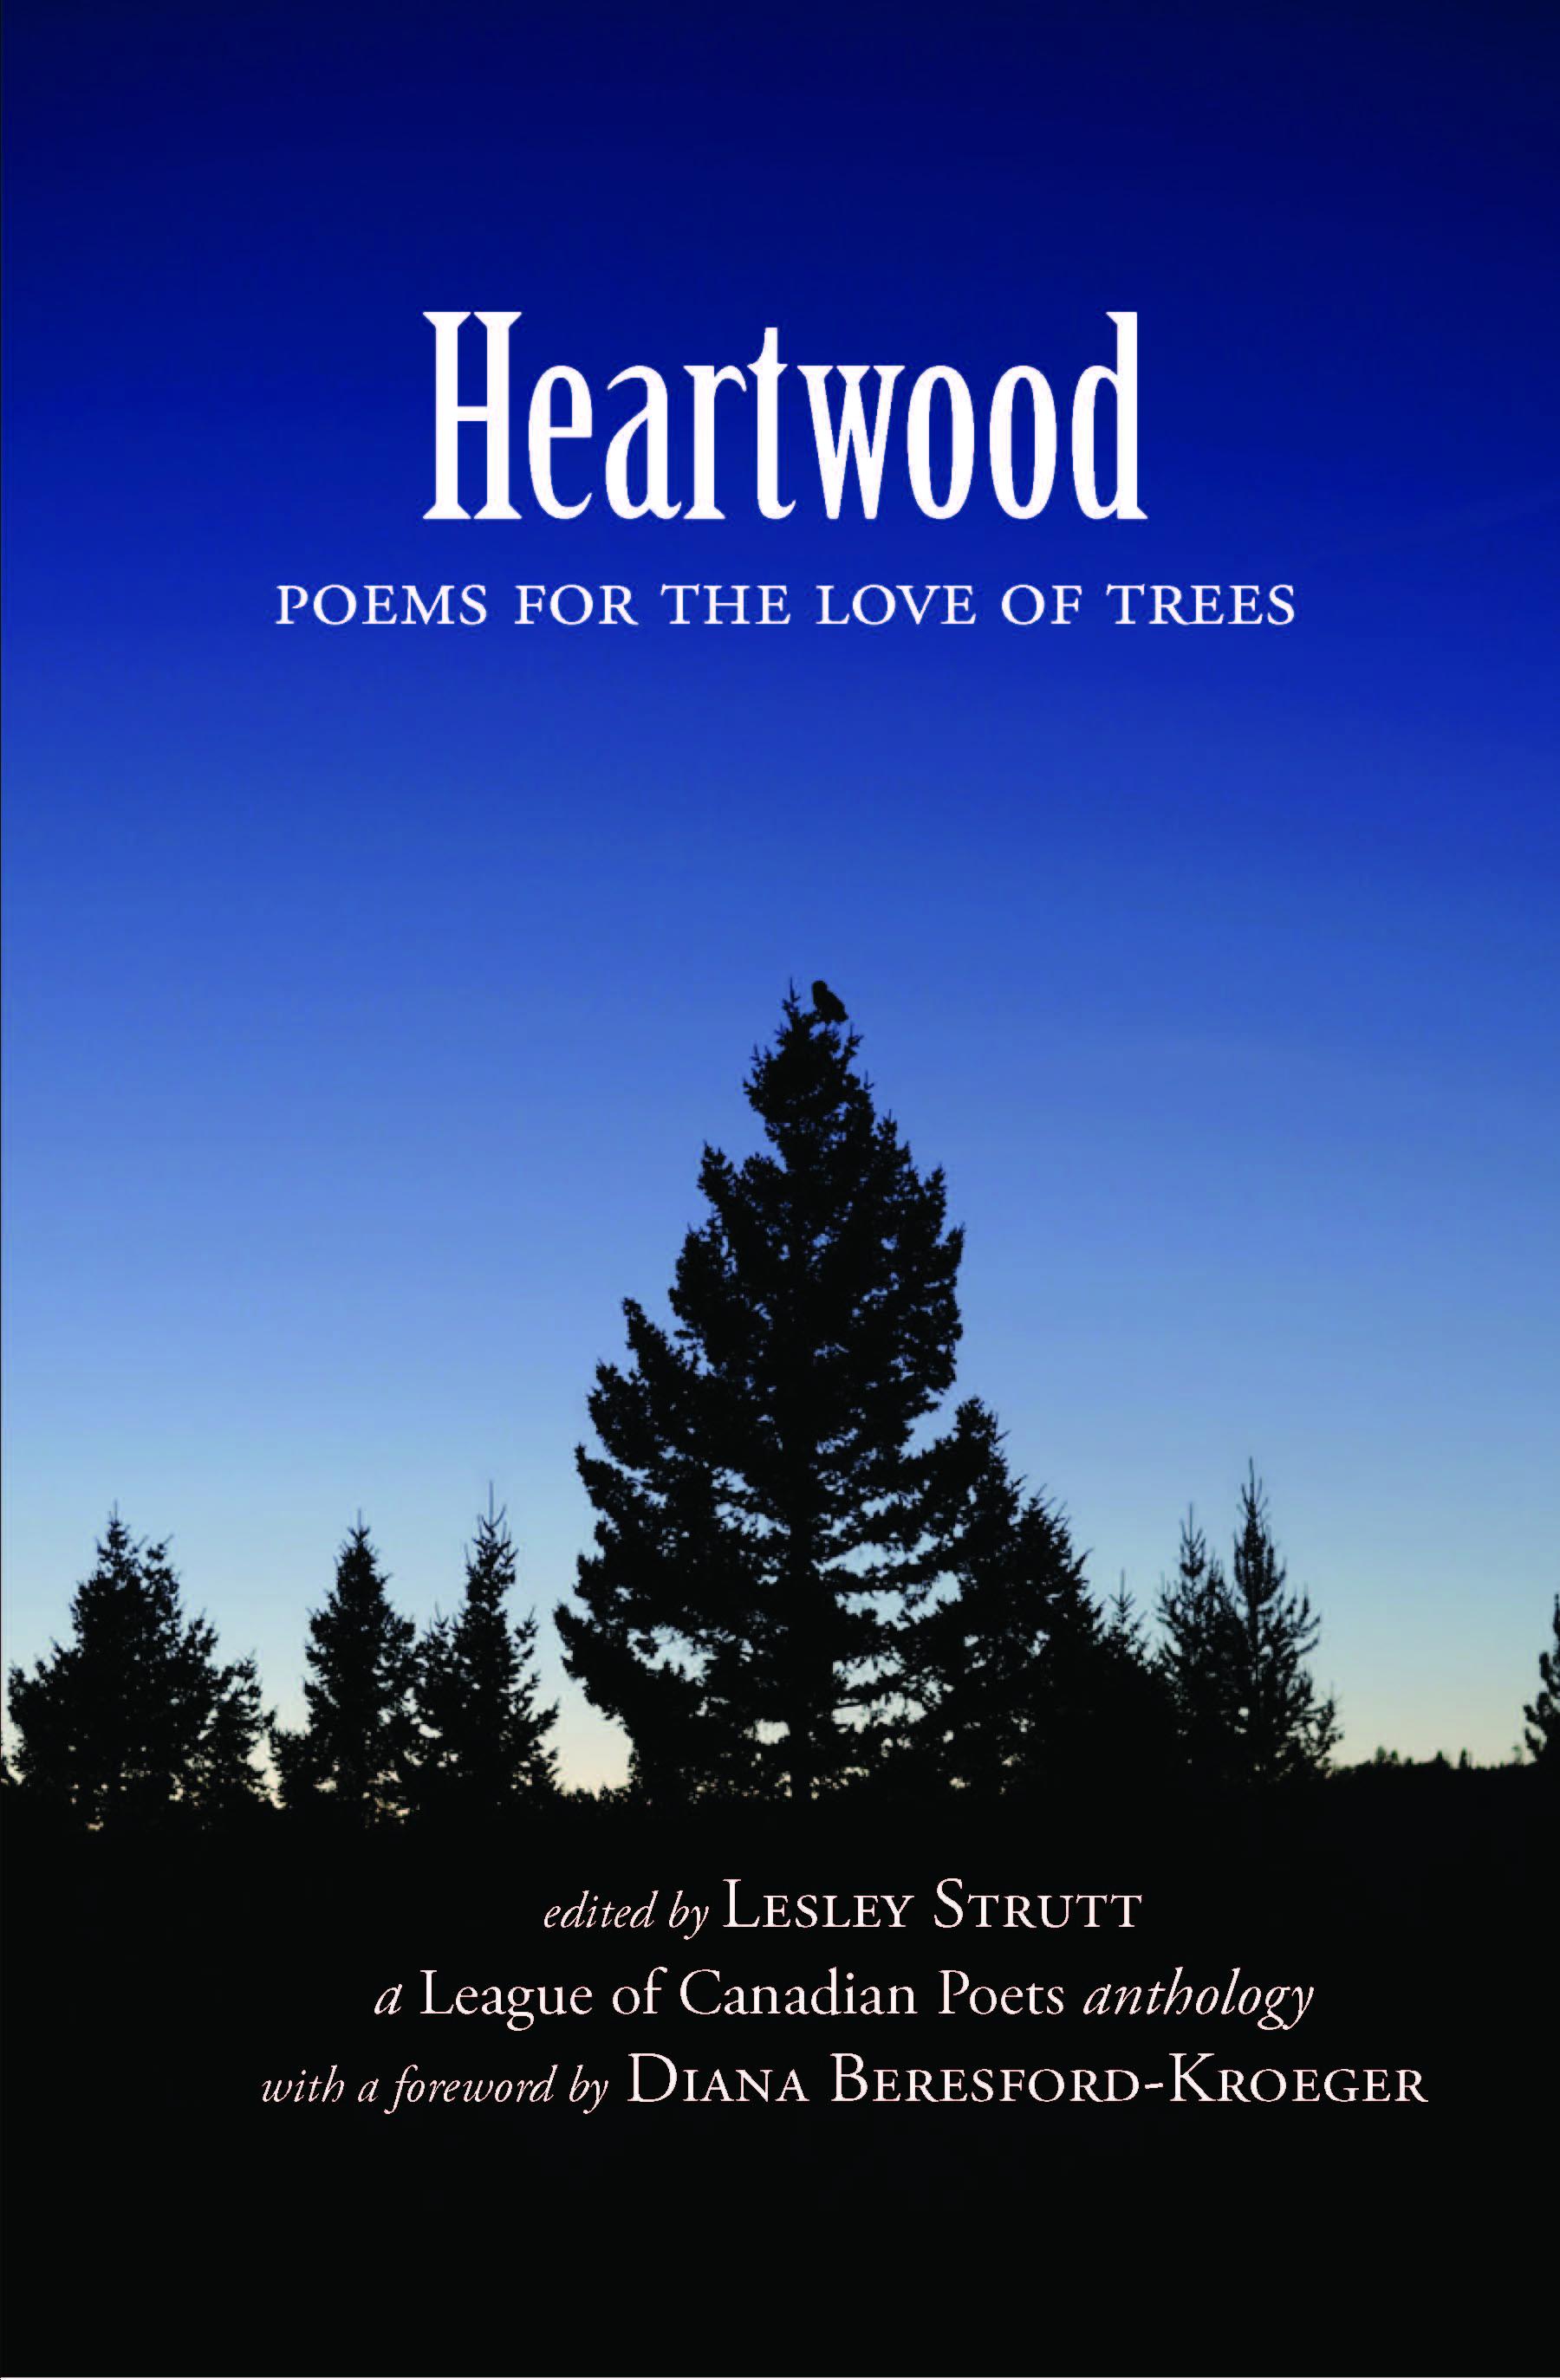 Heartwoodvcover.jpg